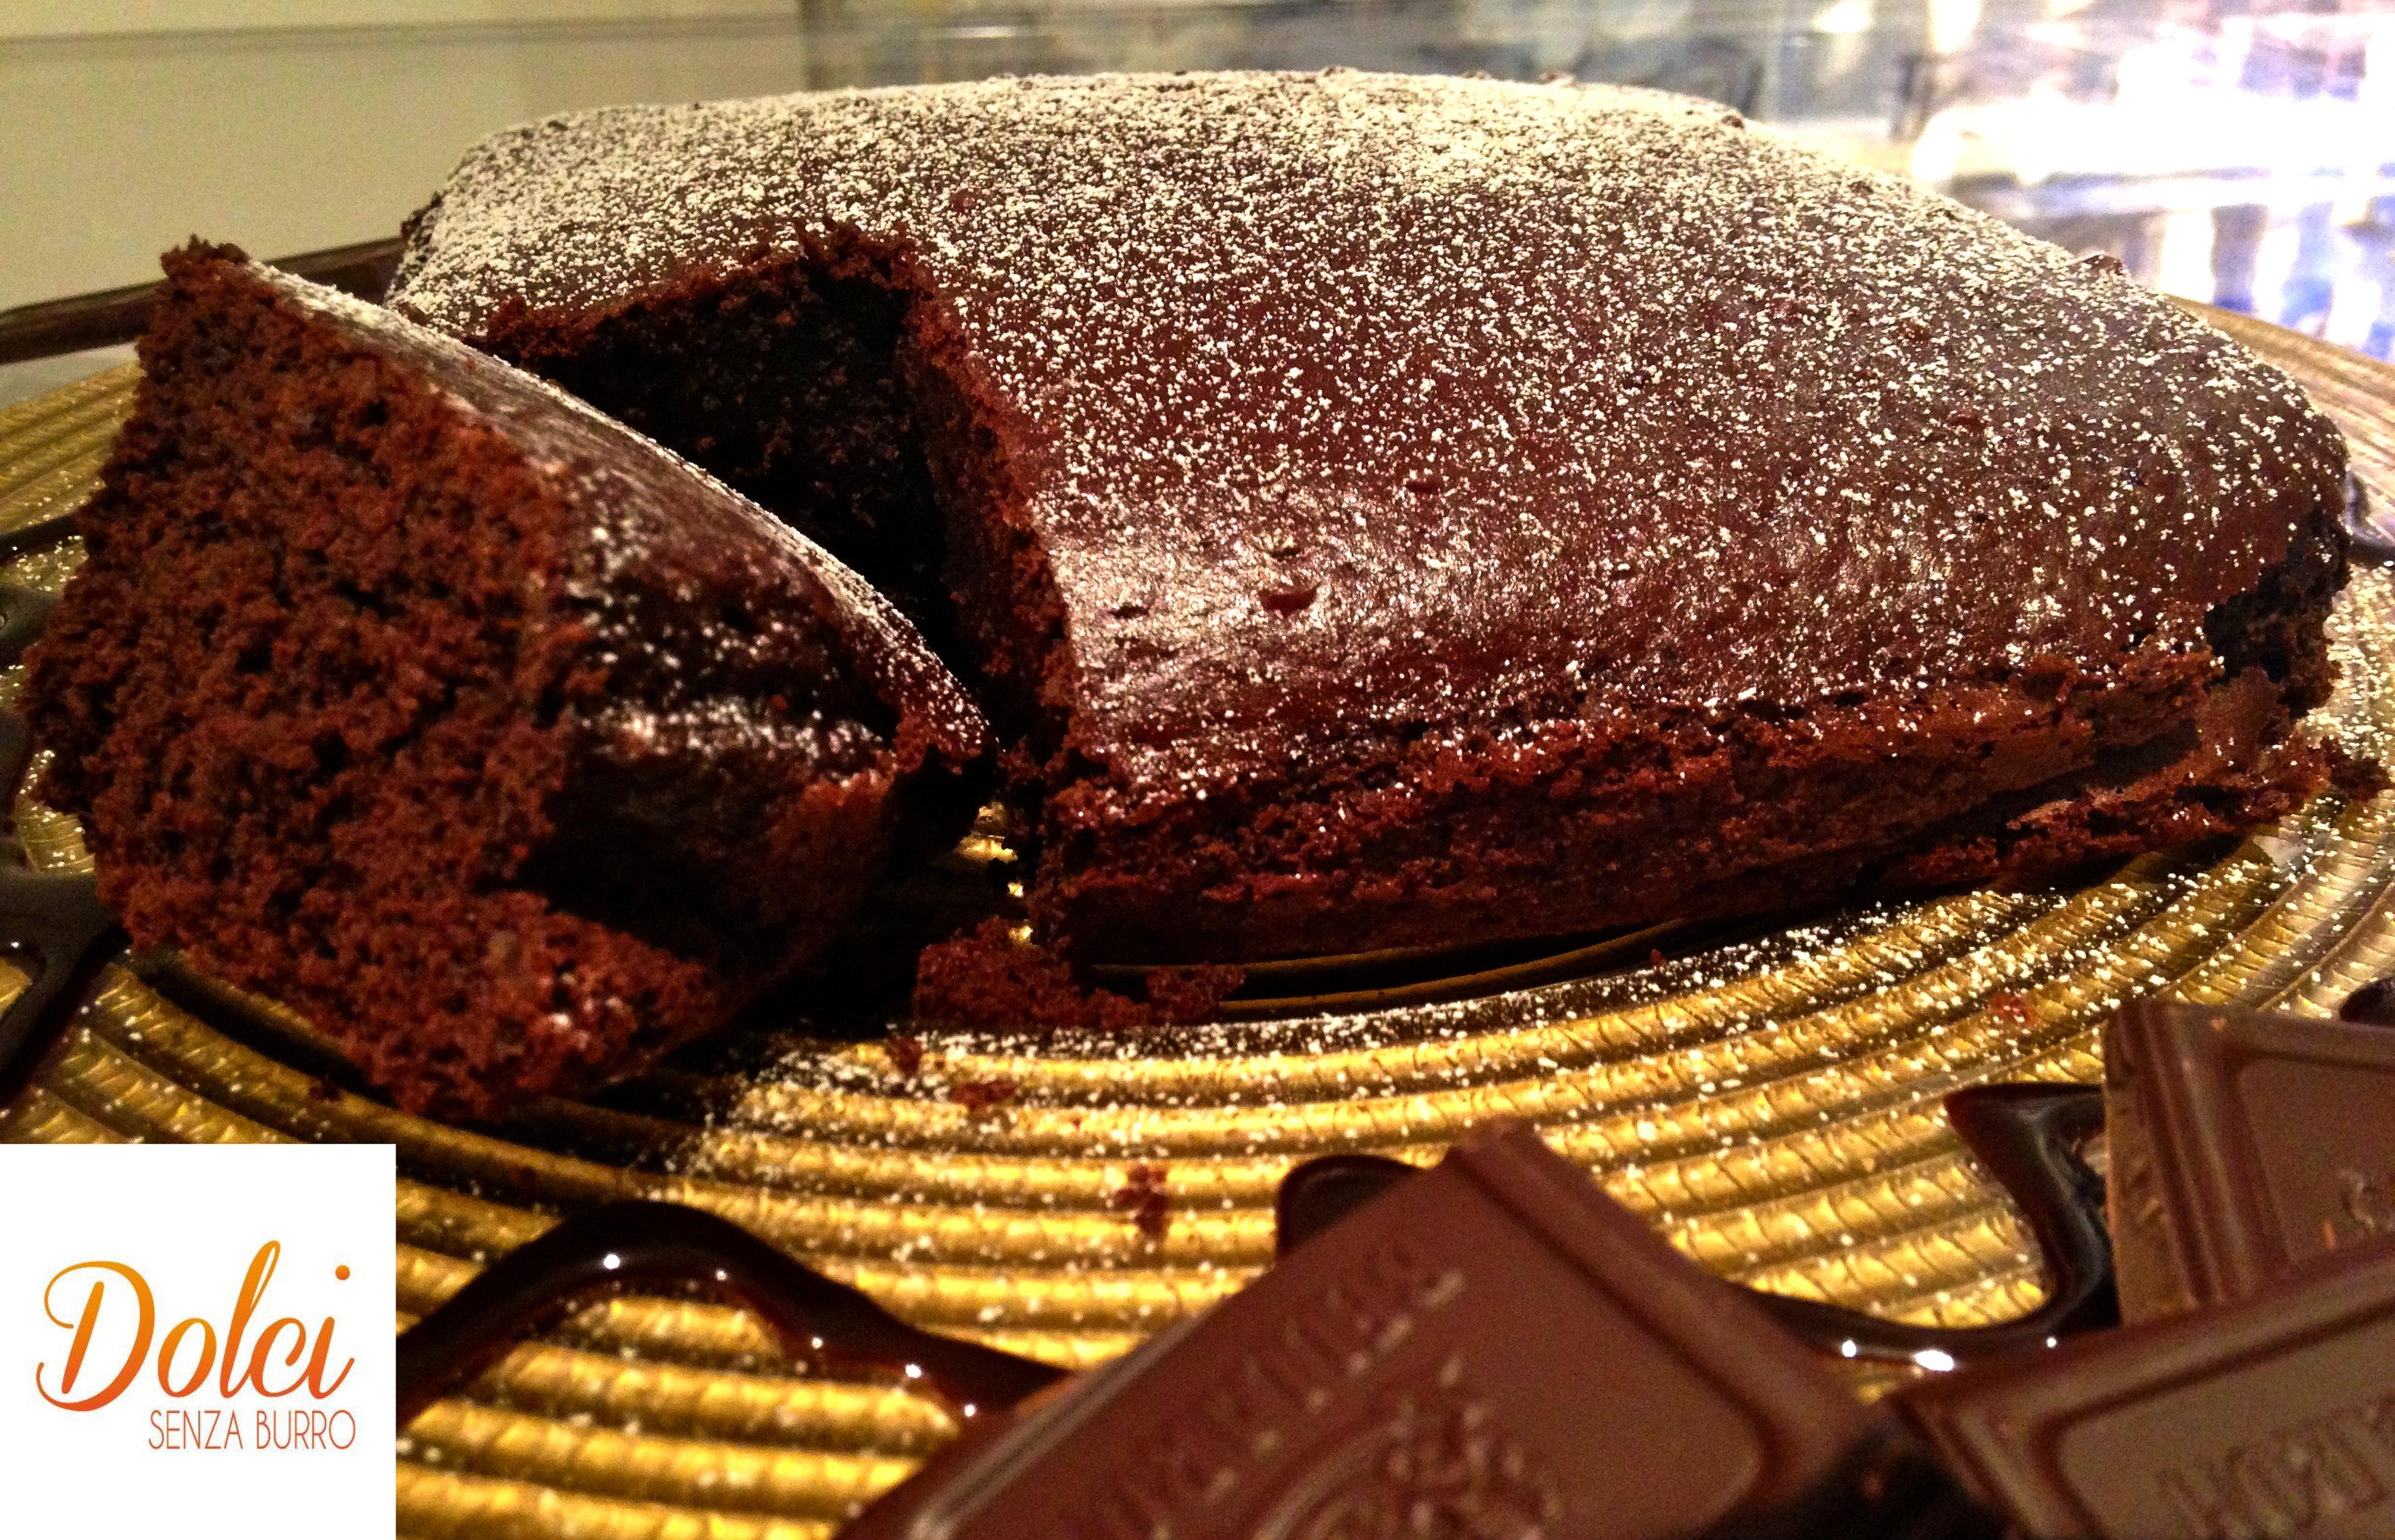 Torta al Cioccolato senza Burro e Uova, il dolce light di dolci senza burro